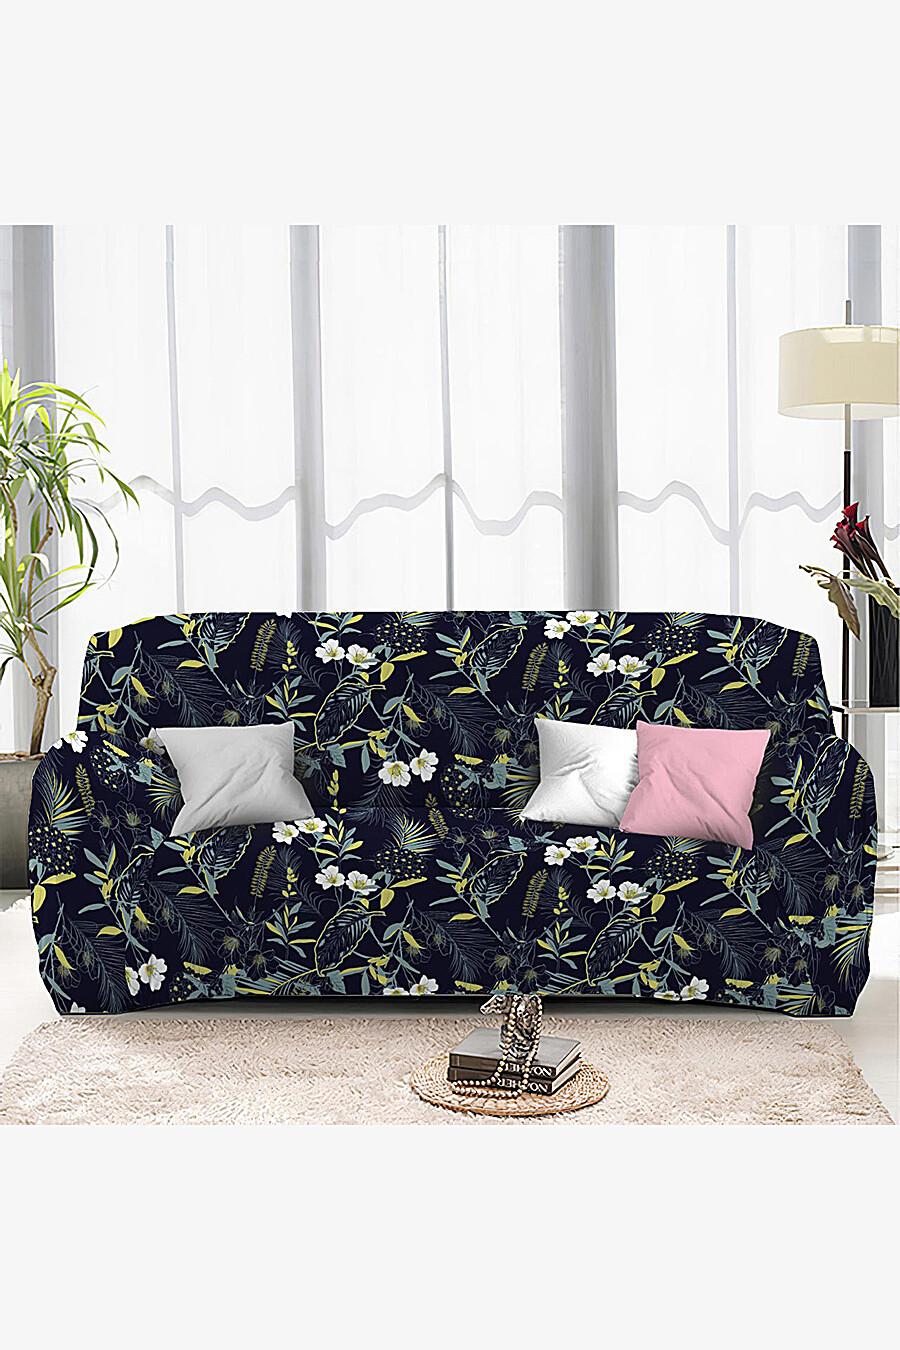 Чехол на диван для дома ART HOME TEXTILE 162774 купить оптом от производителя. Совместная покупка товаров для дома в OptMoyo